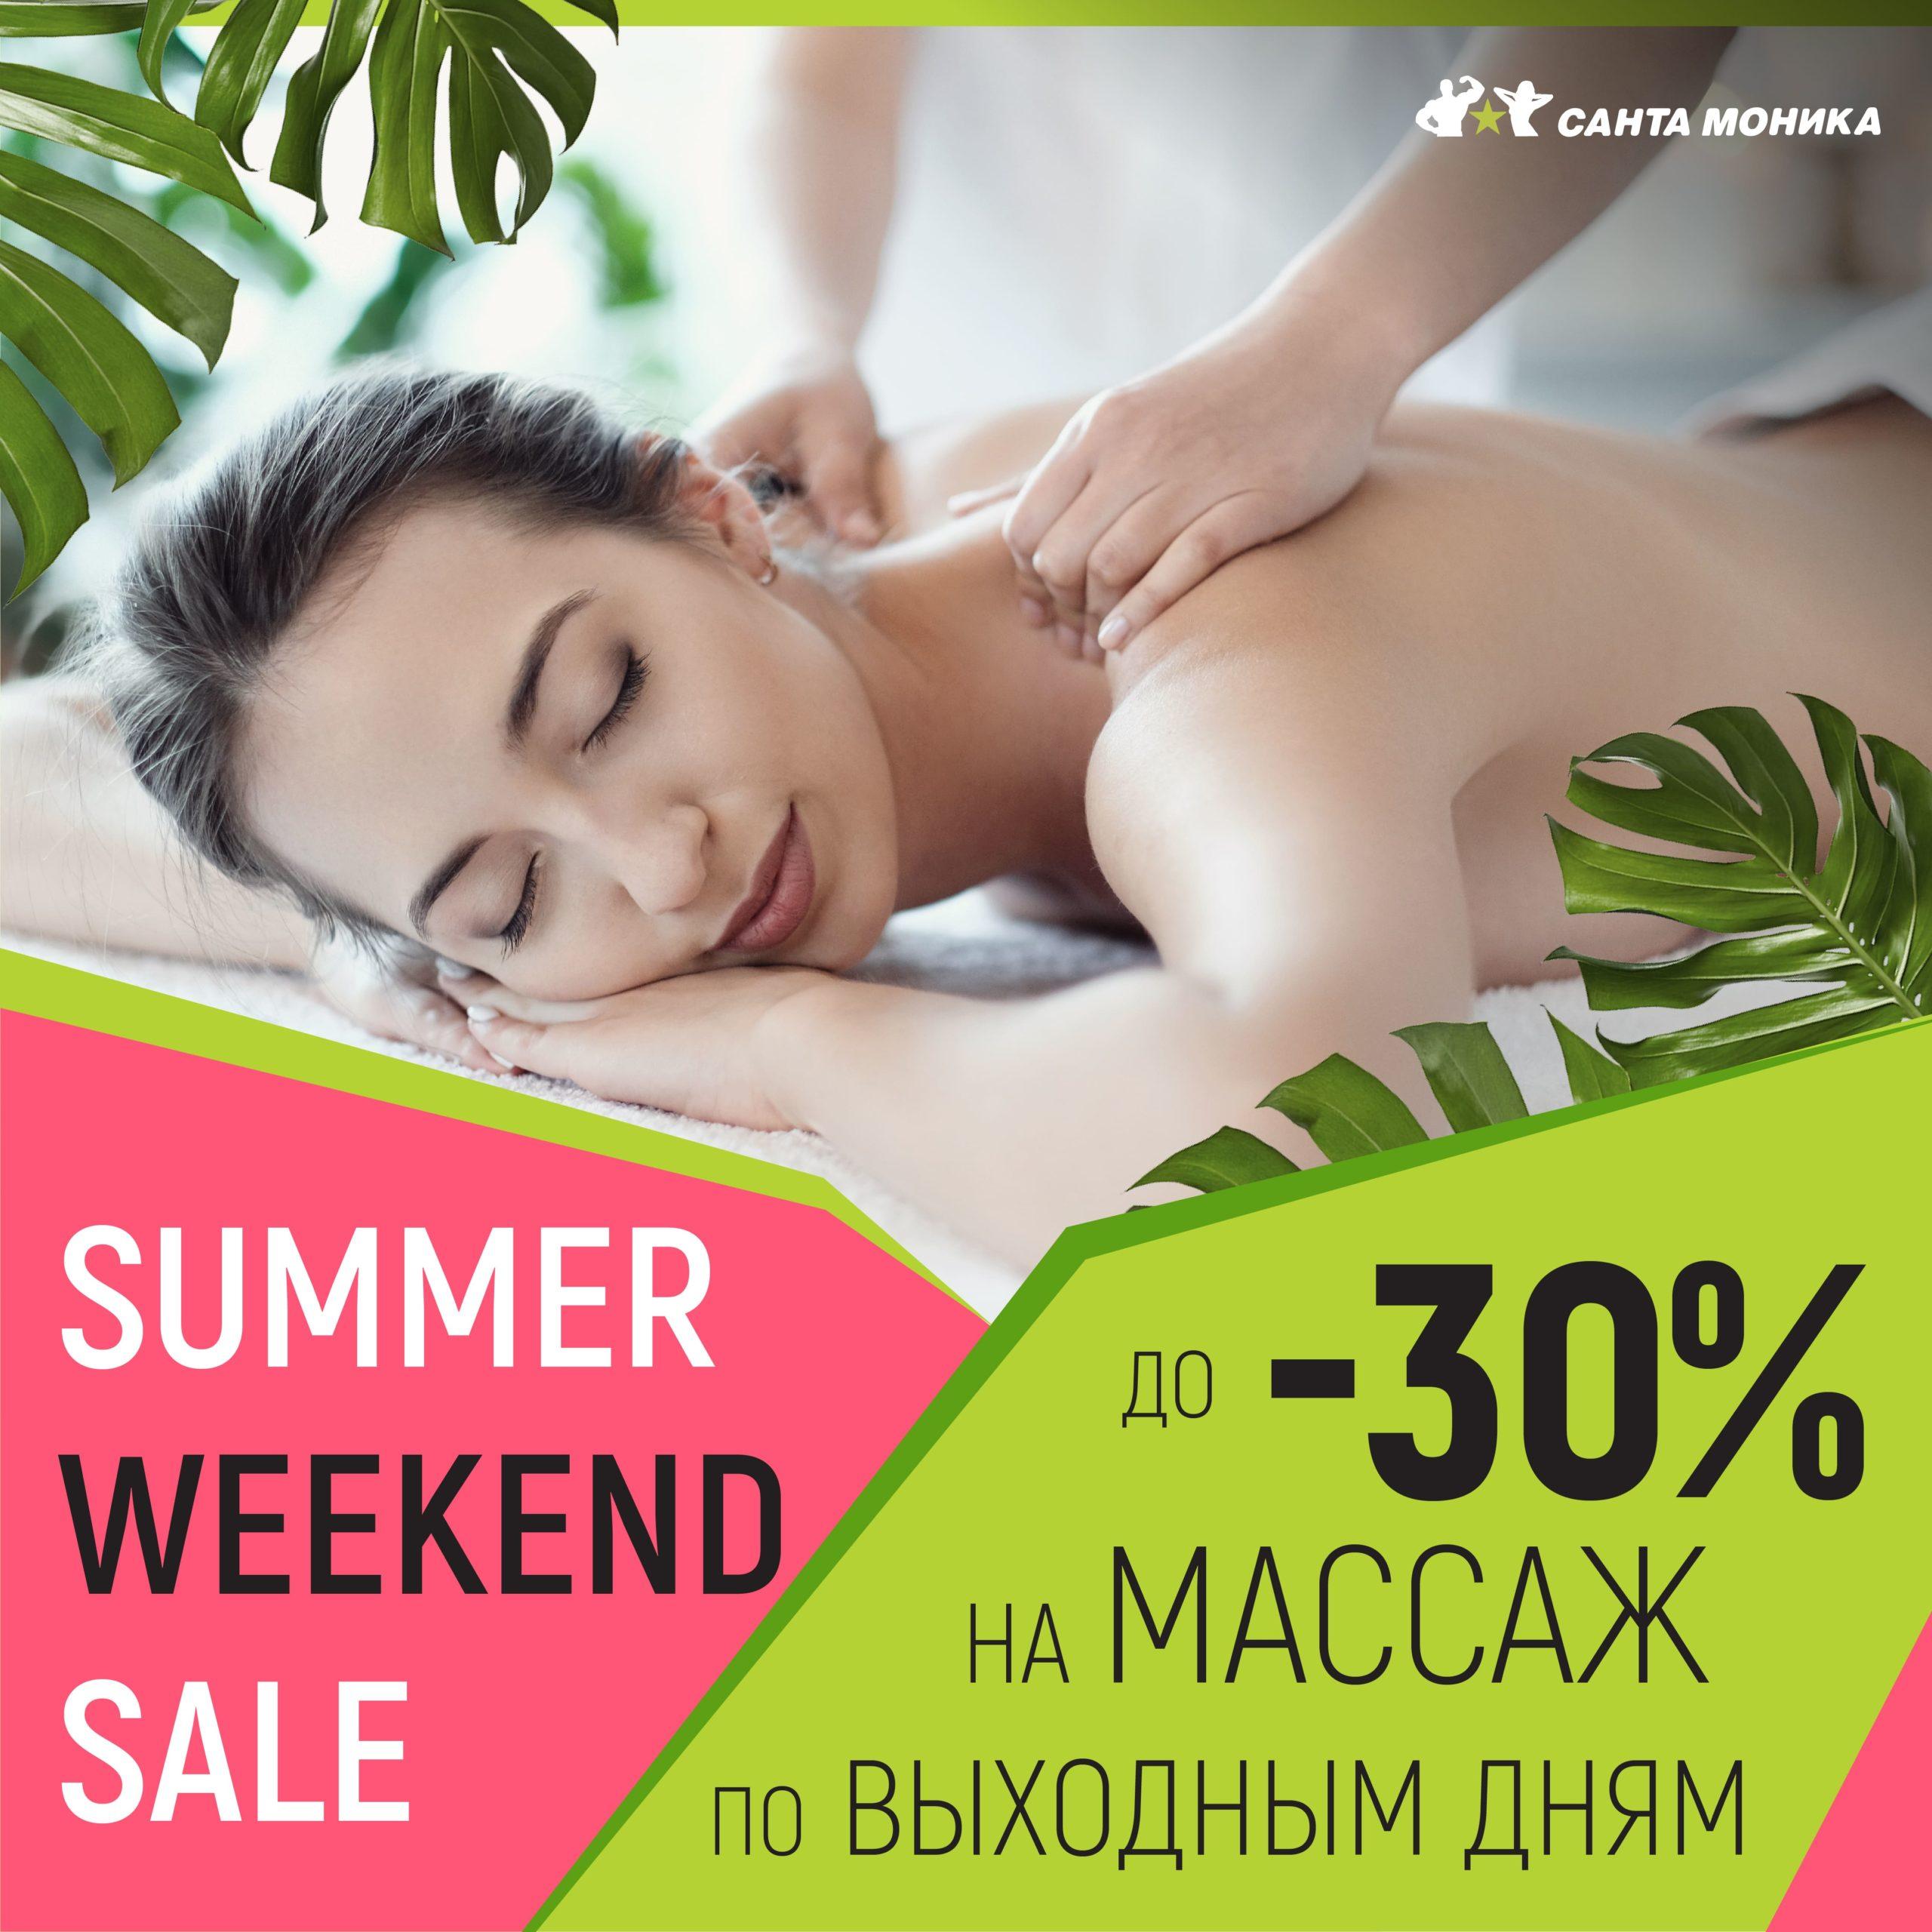 Summer weekend sale!